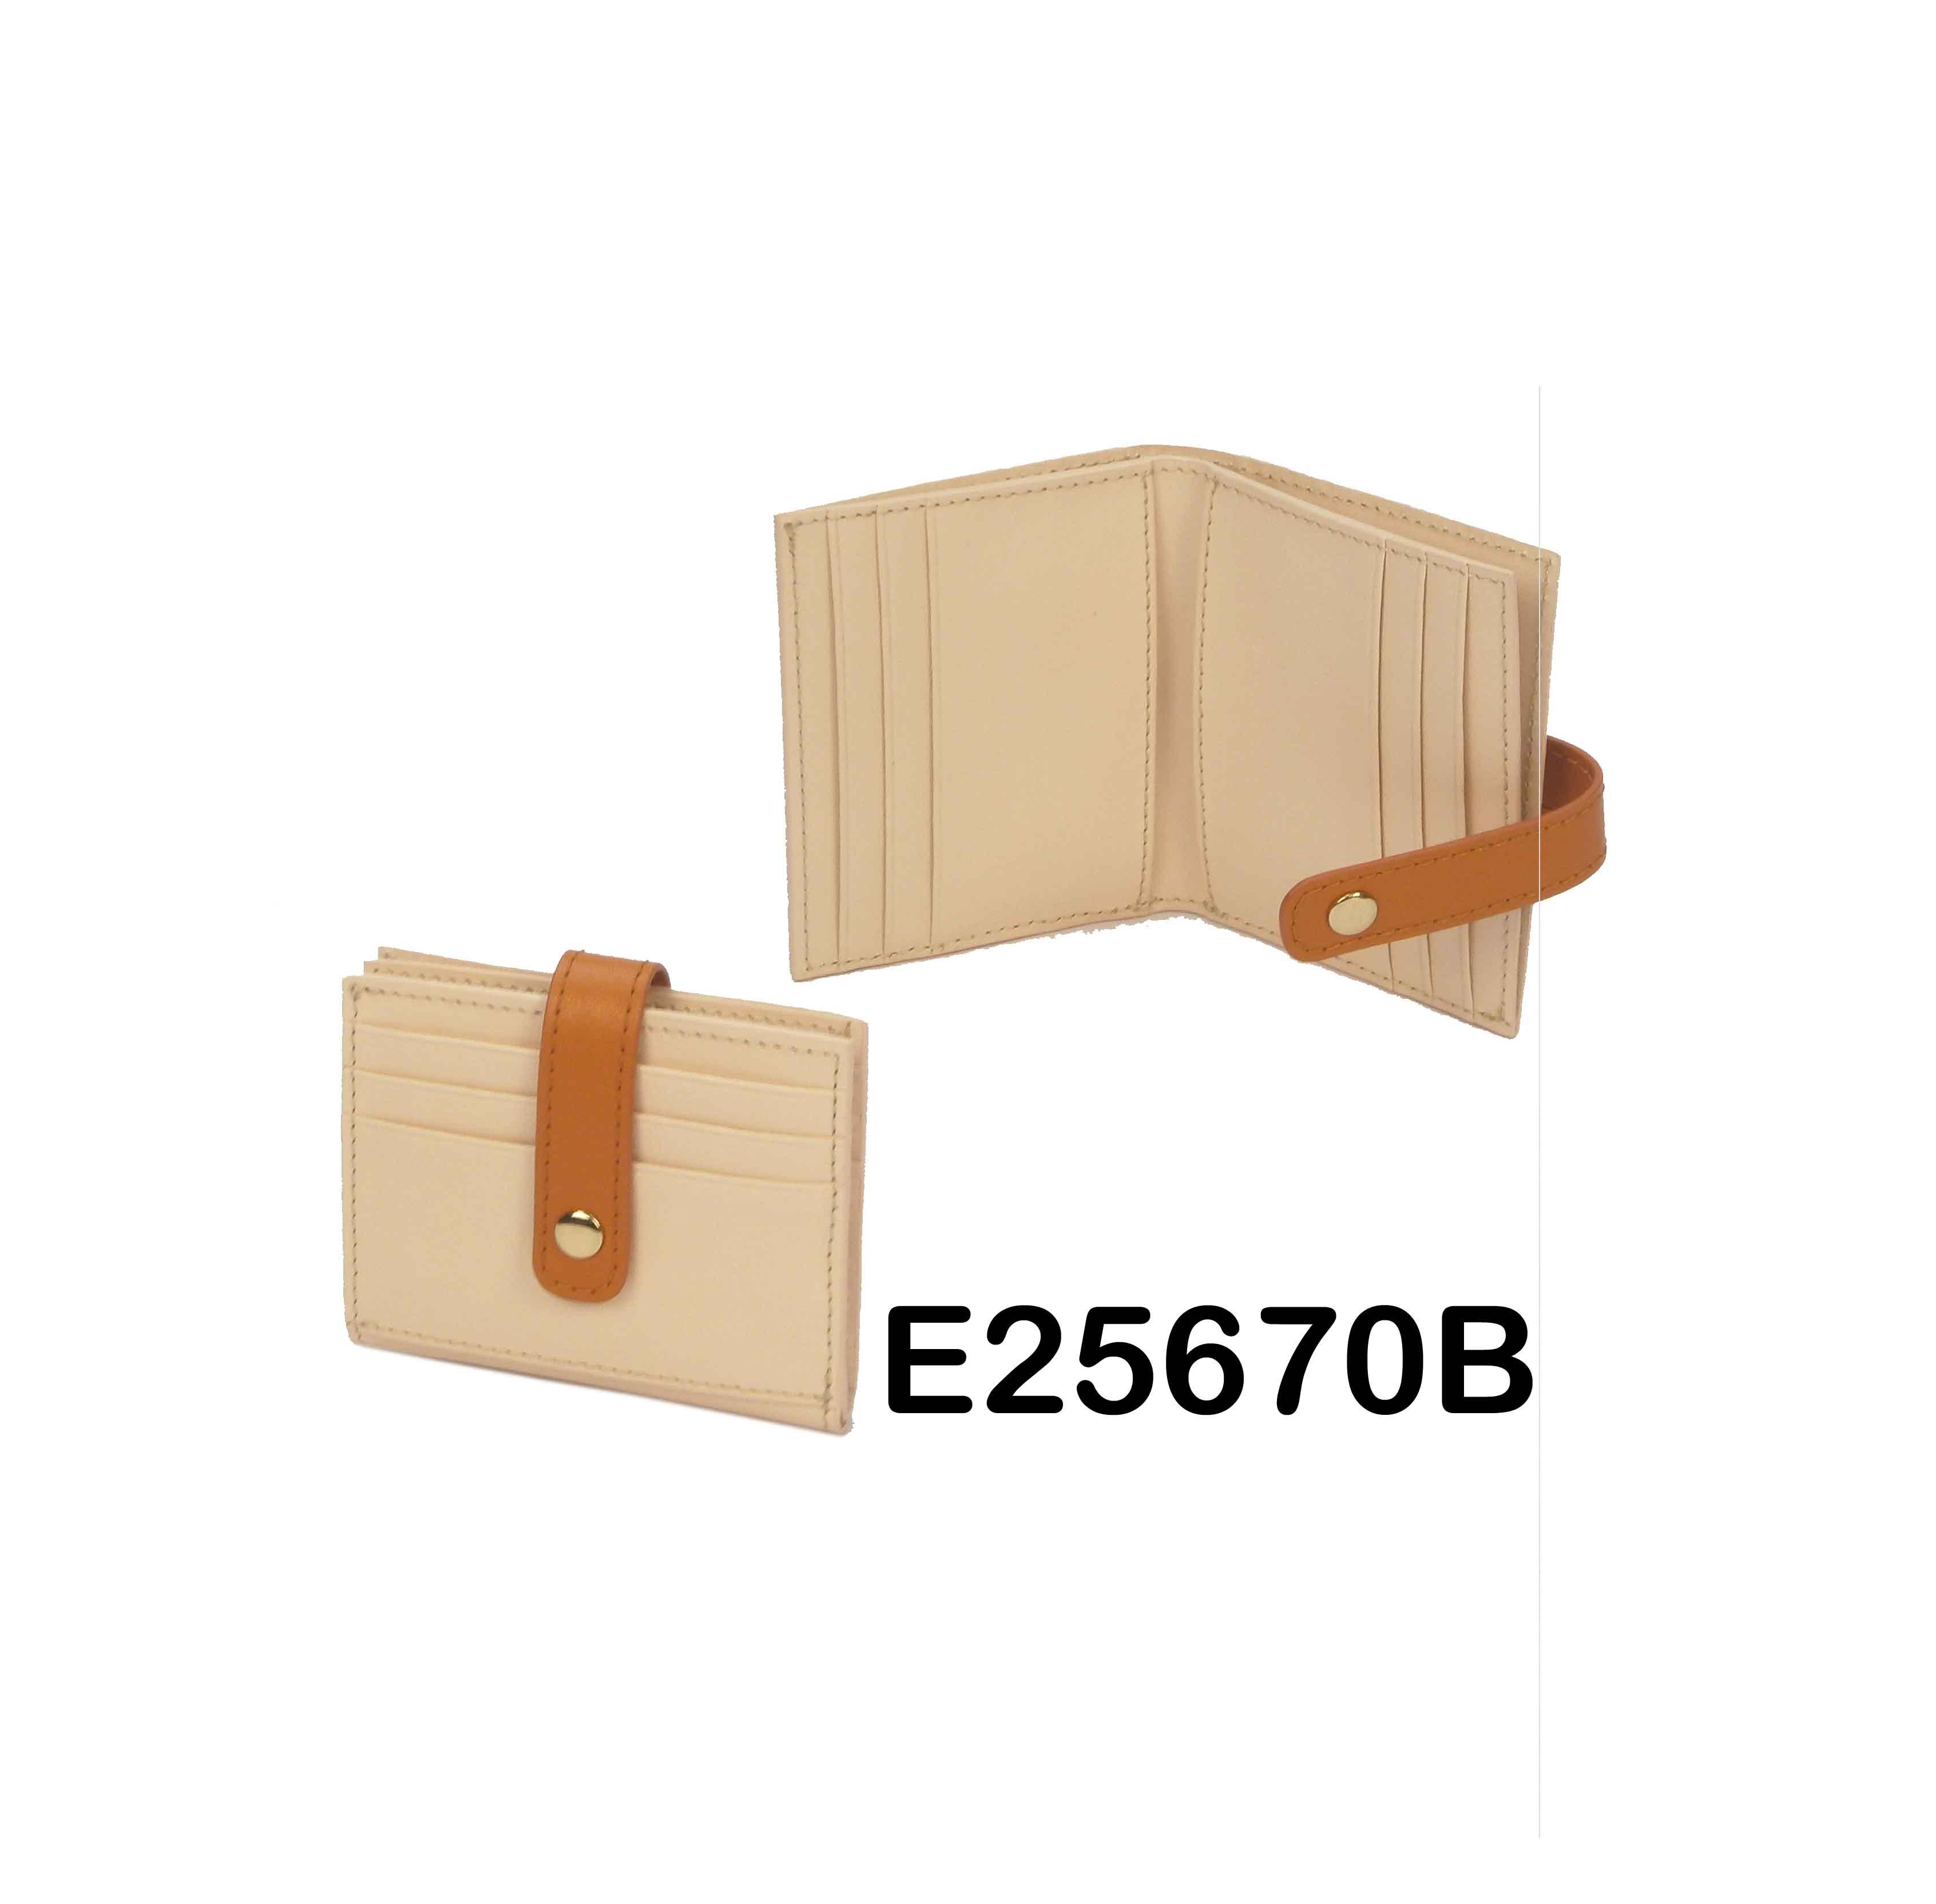 E25670B whole